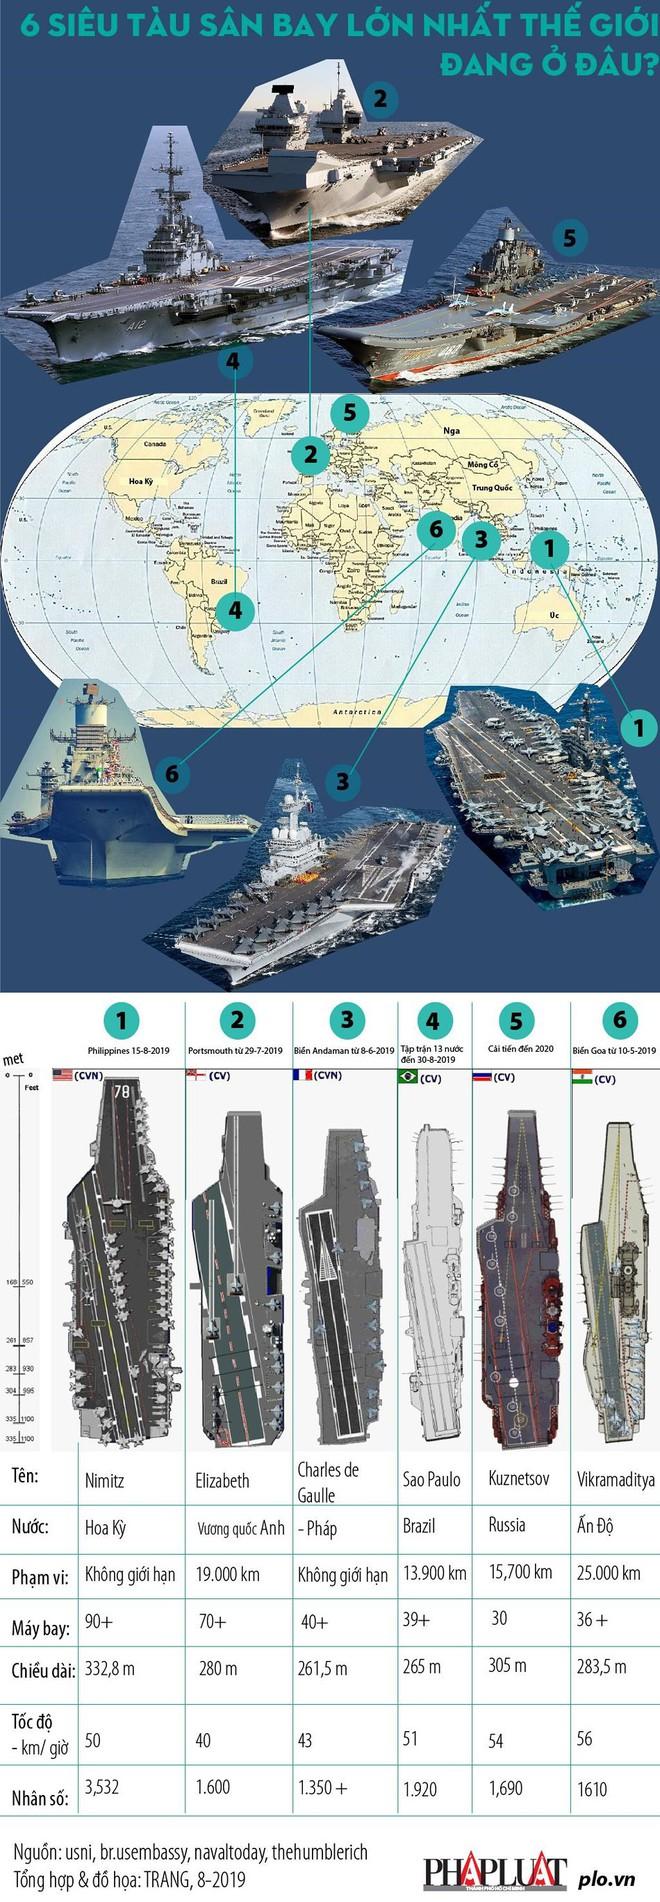 6 siêu tàu sân bay lớn nhất thế giới đang ở đâu? - Ảnh 1.